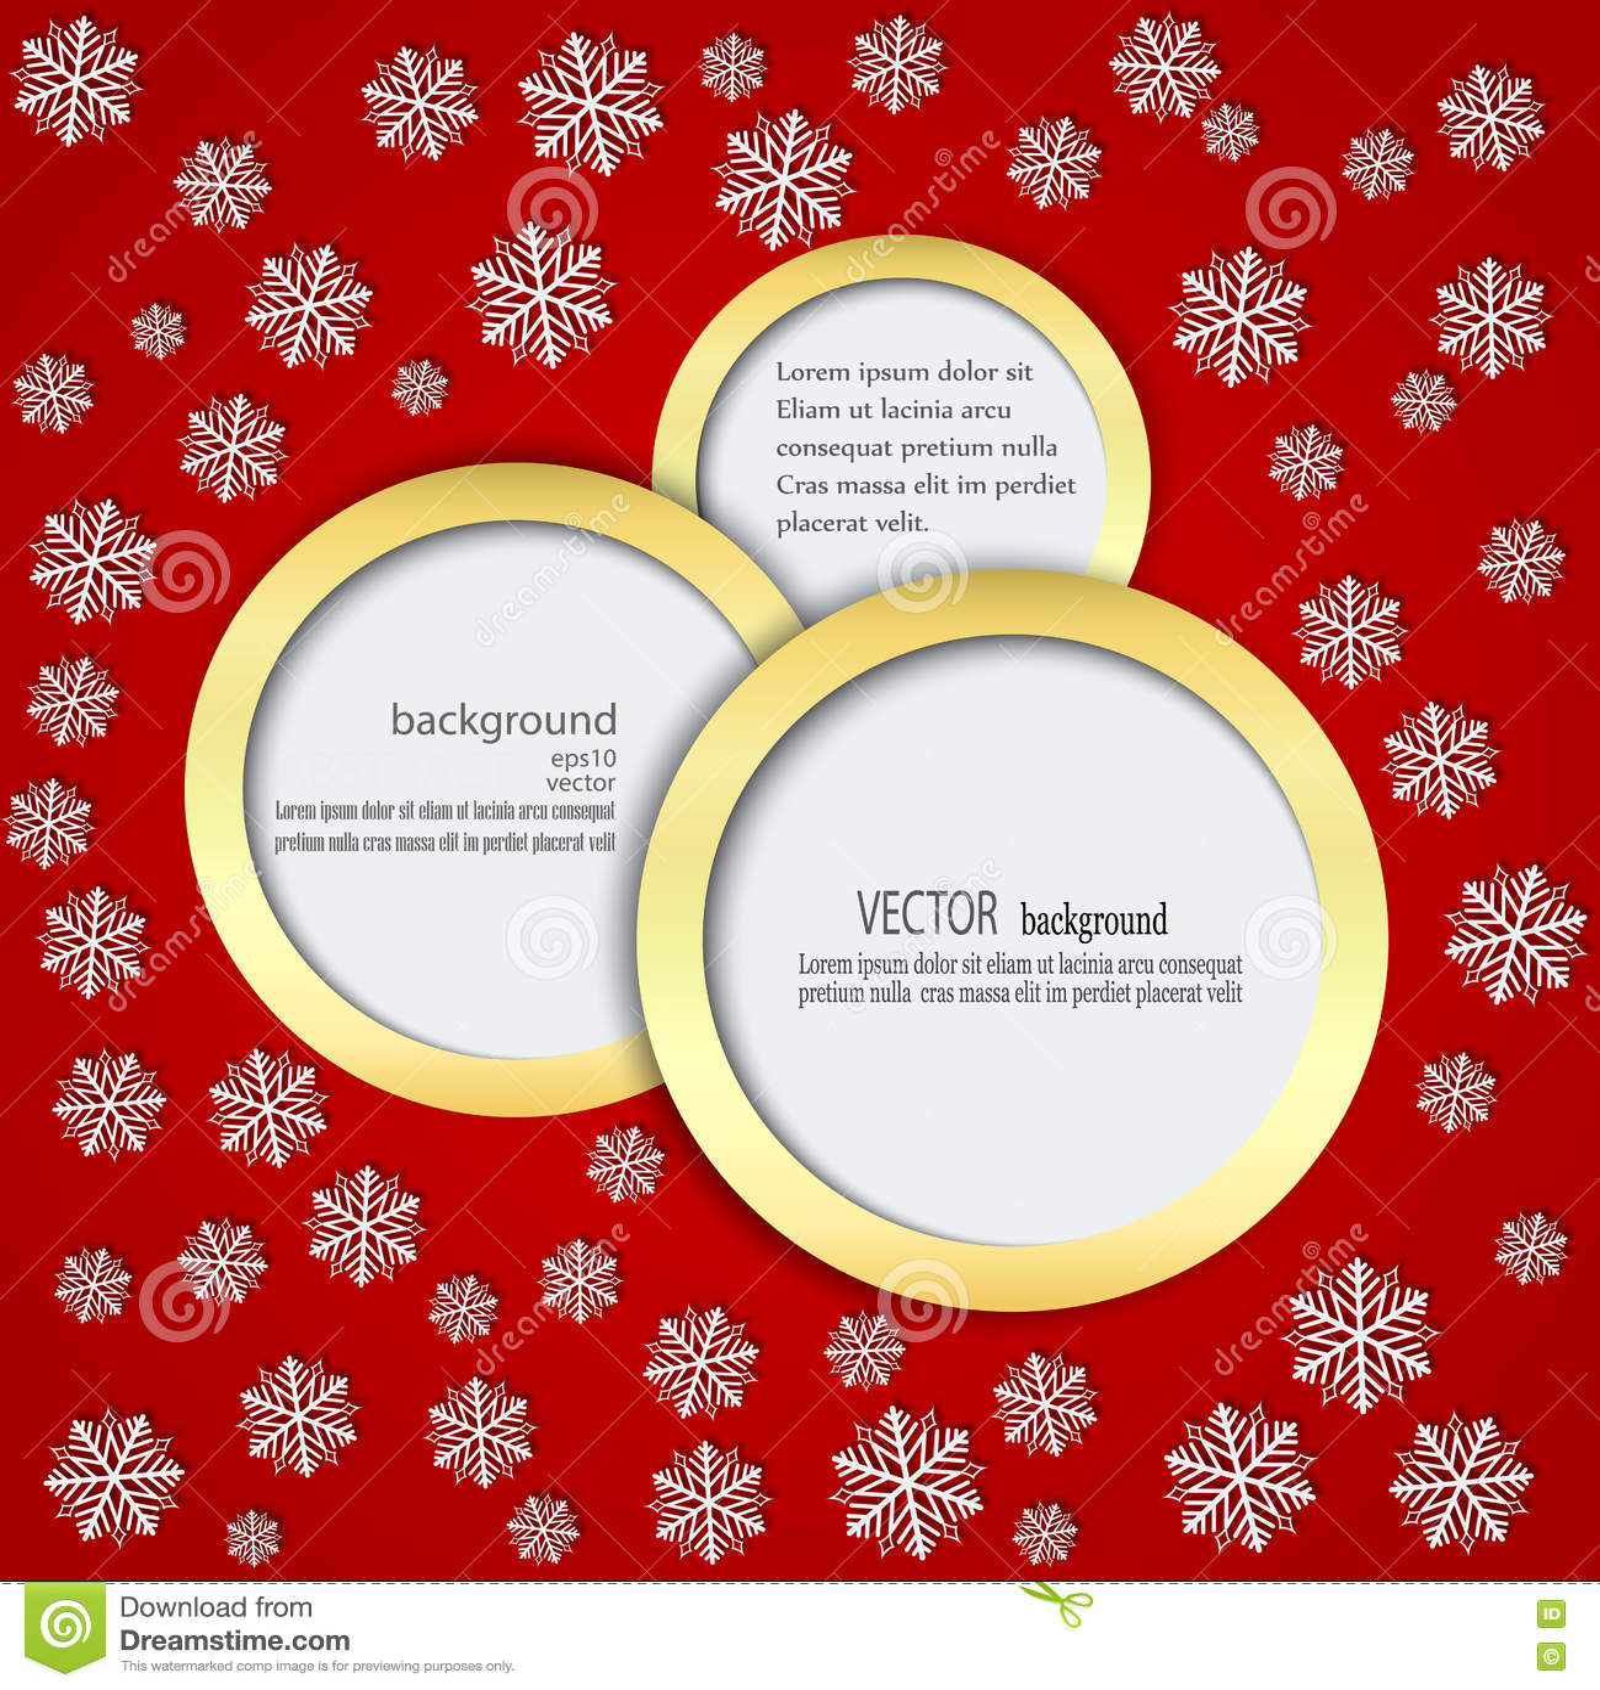 Rode achtergrond met sneeuwvlokken in Cirkels in een gouden kader